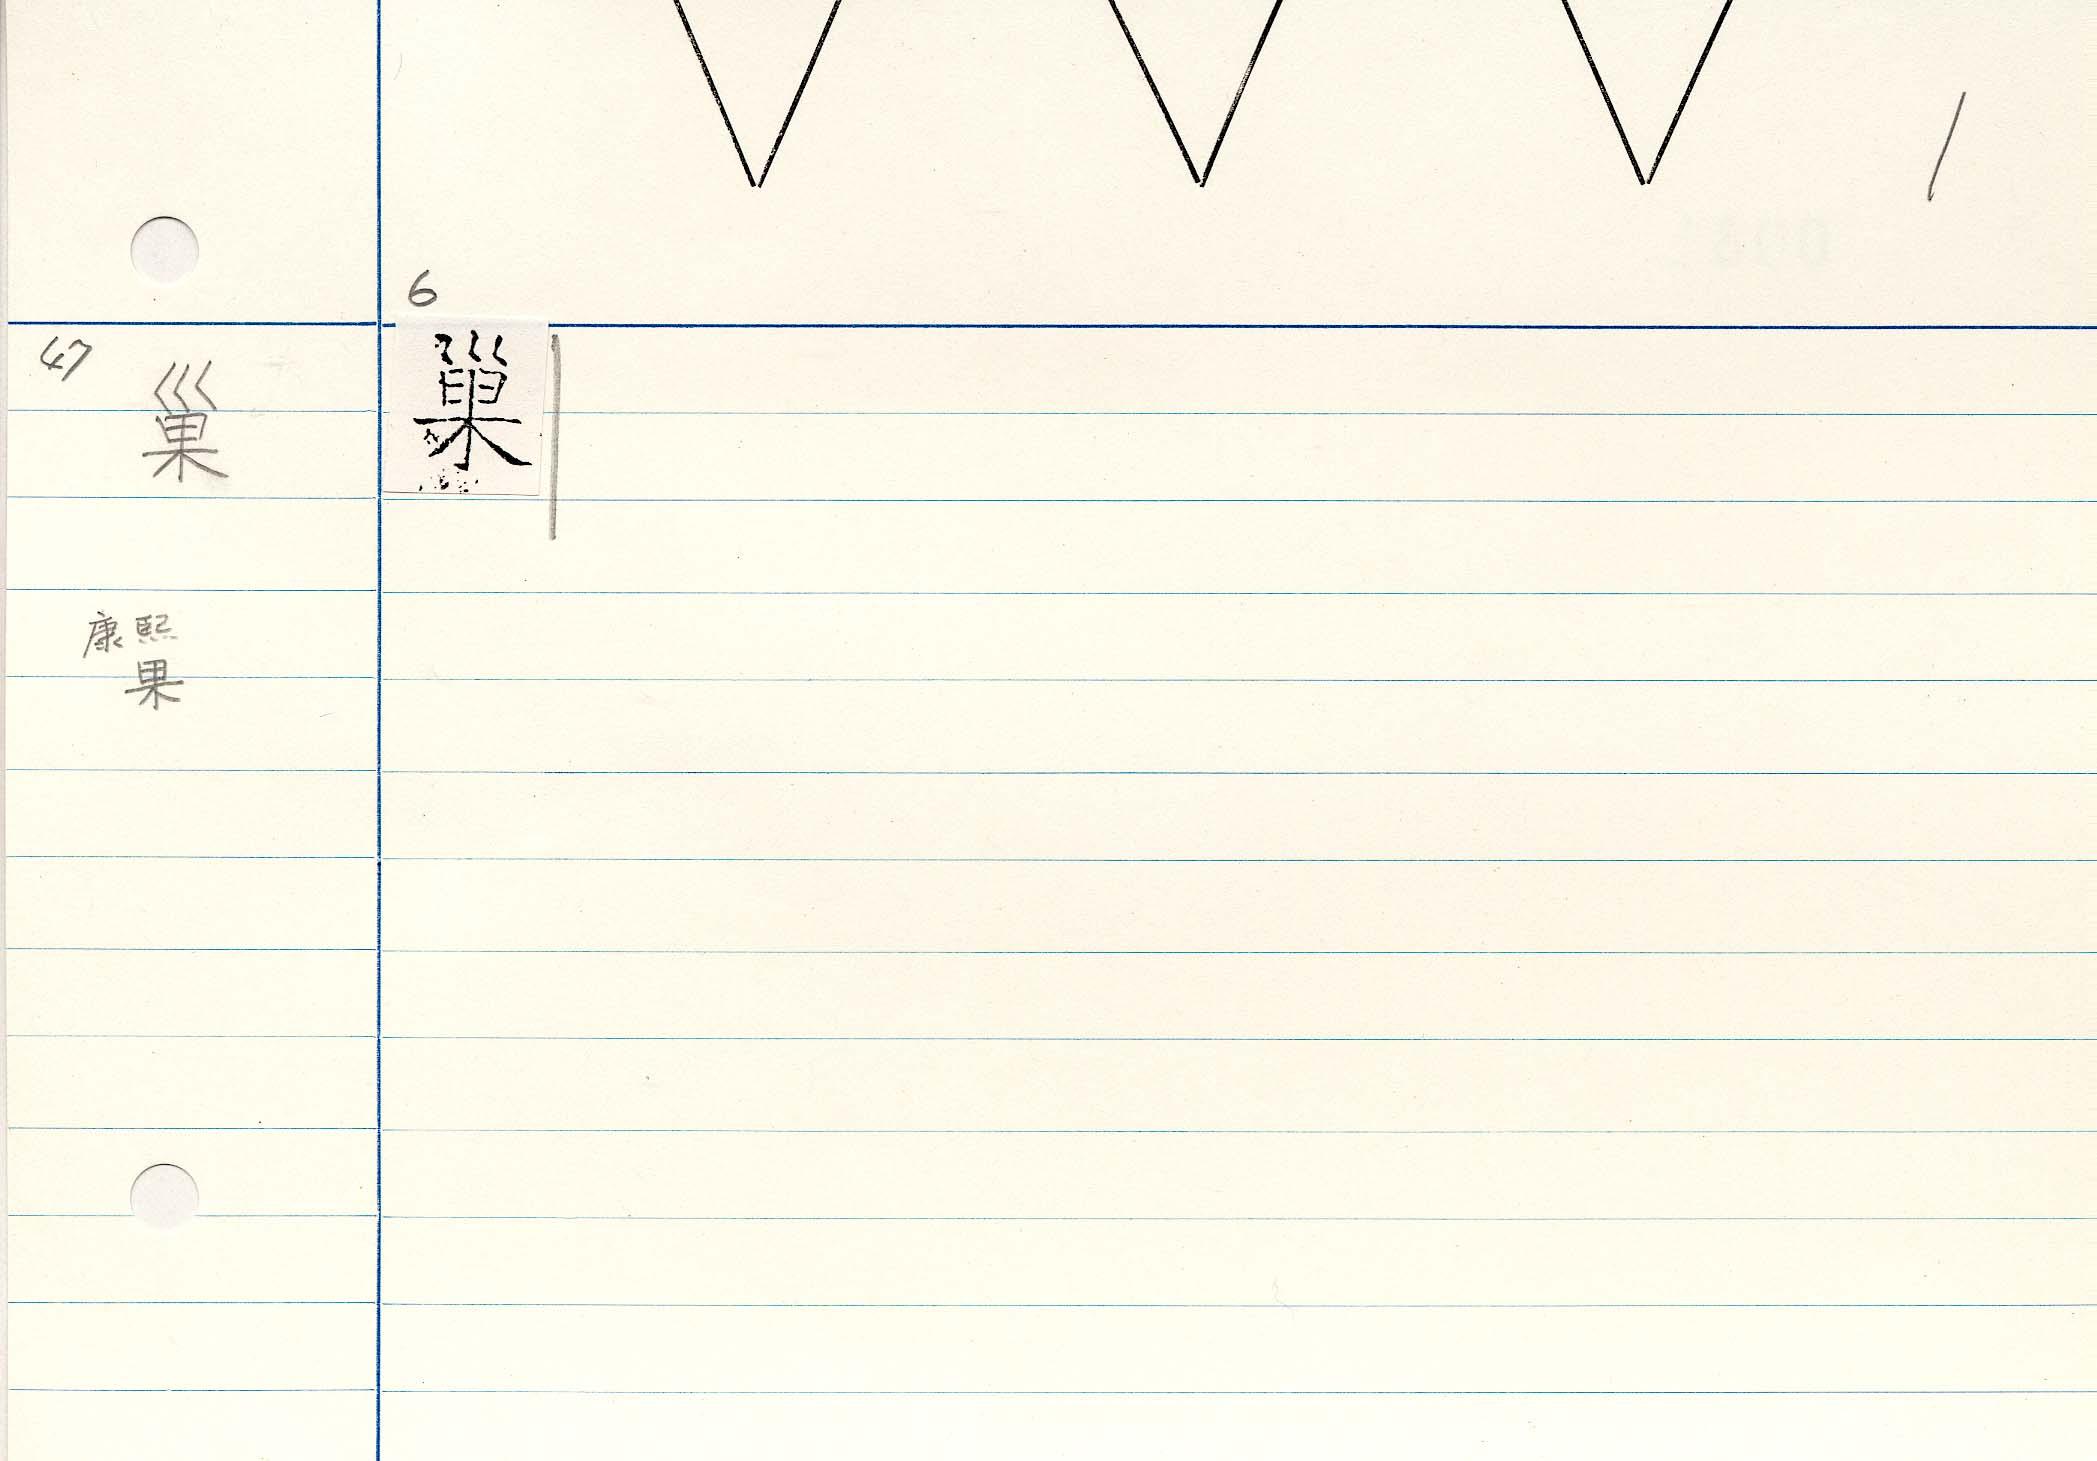 19_開成石經周易/cards/0081.jpg